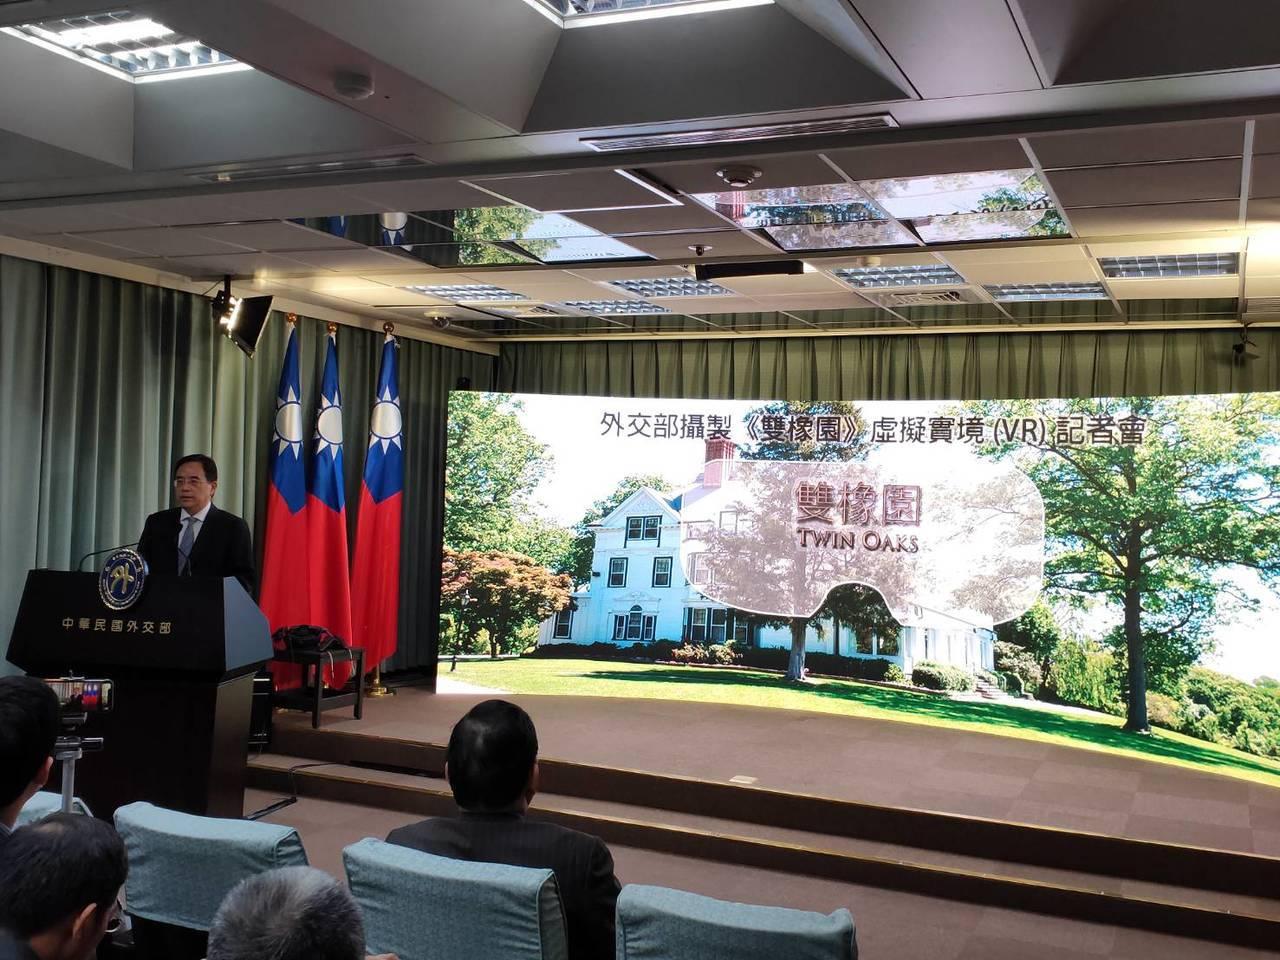 外交部國傳司長陳銘政(左邊站立者)介紹雙橡園VR影片。記者徐偉真/攝影